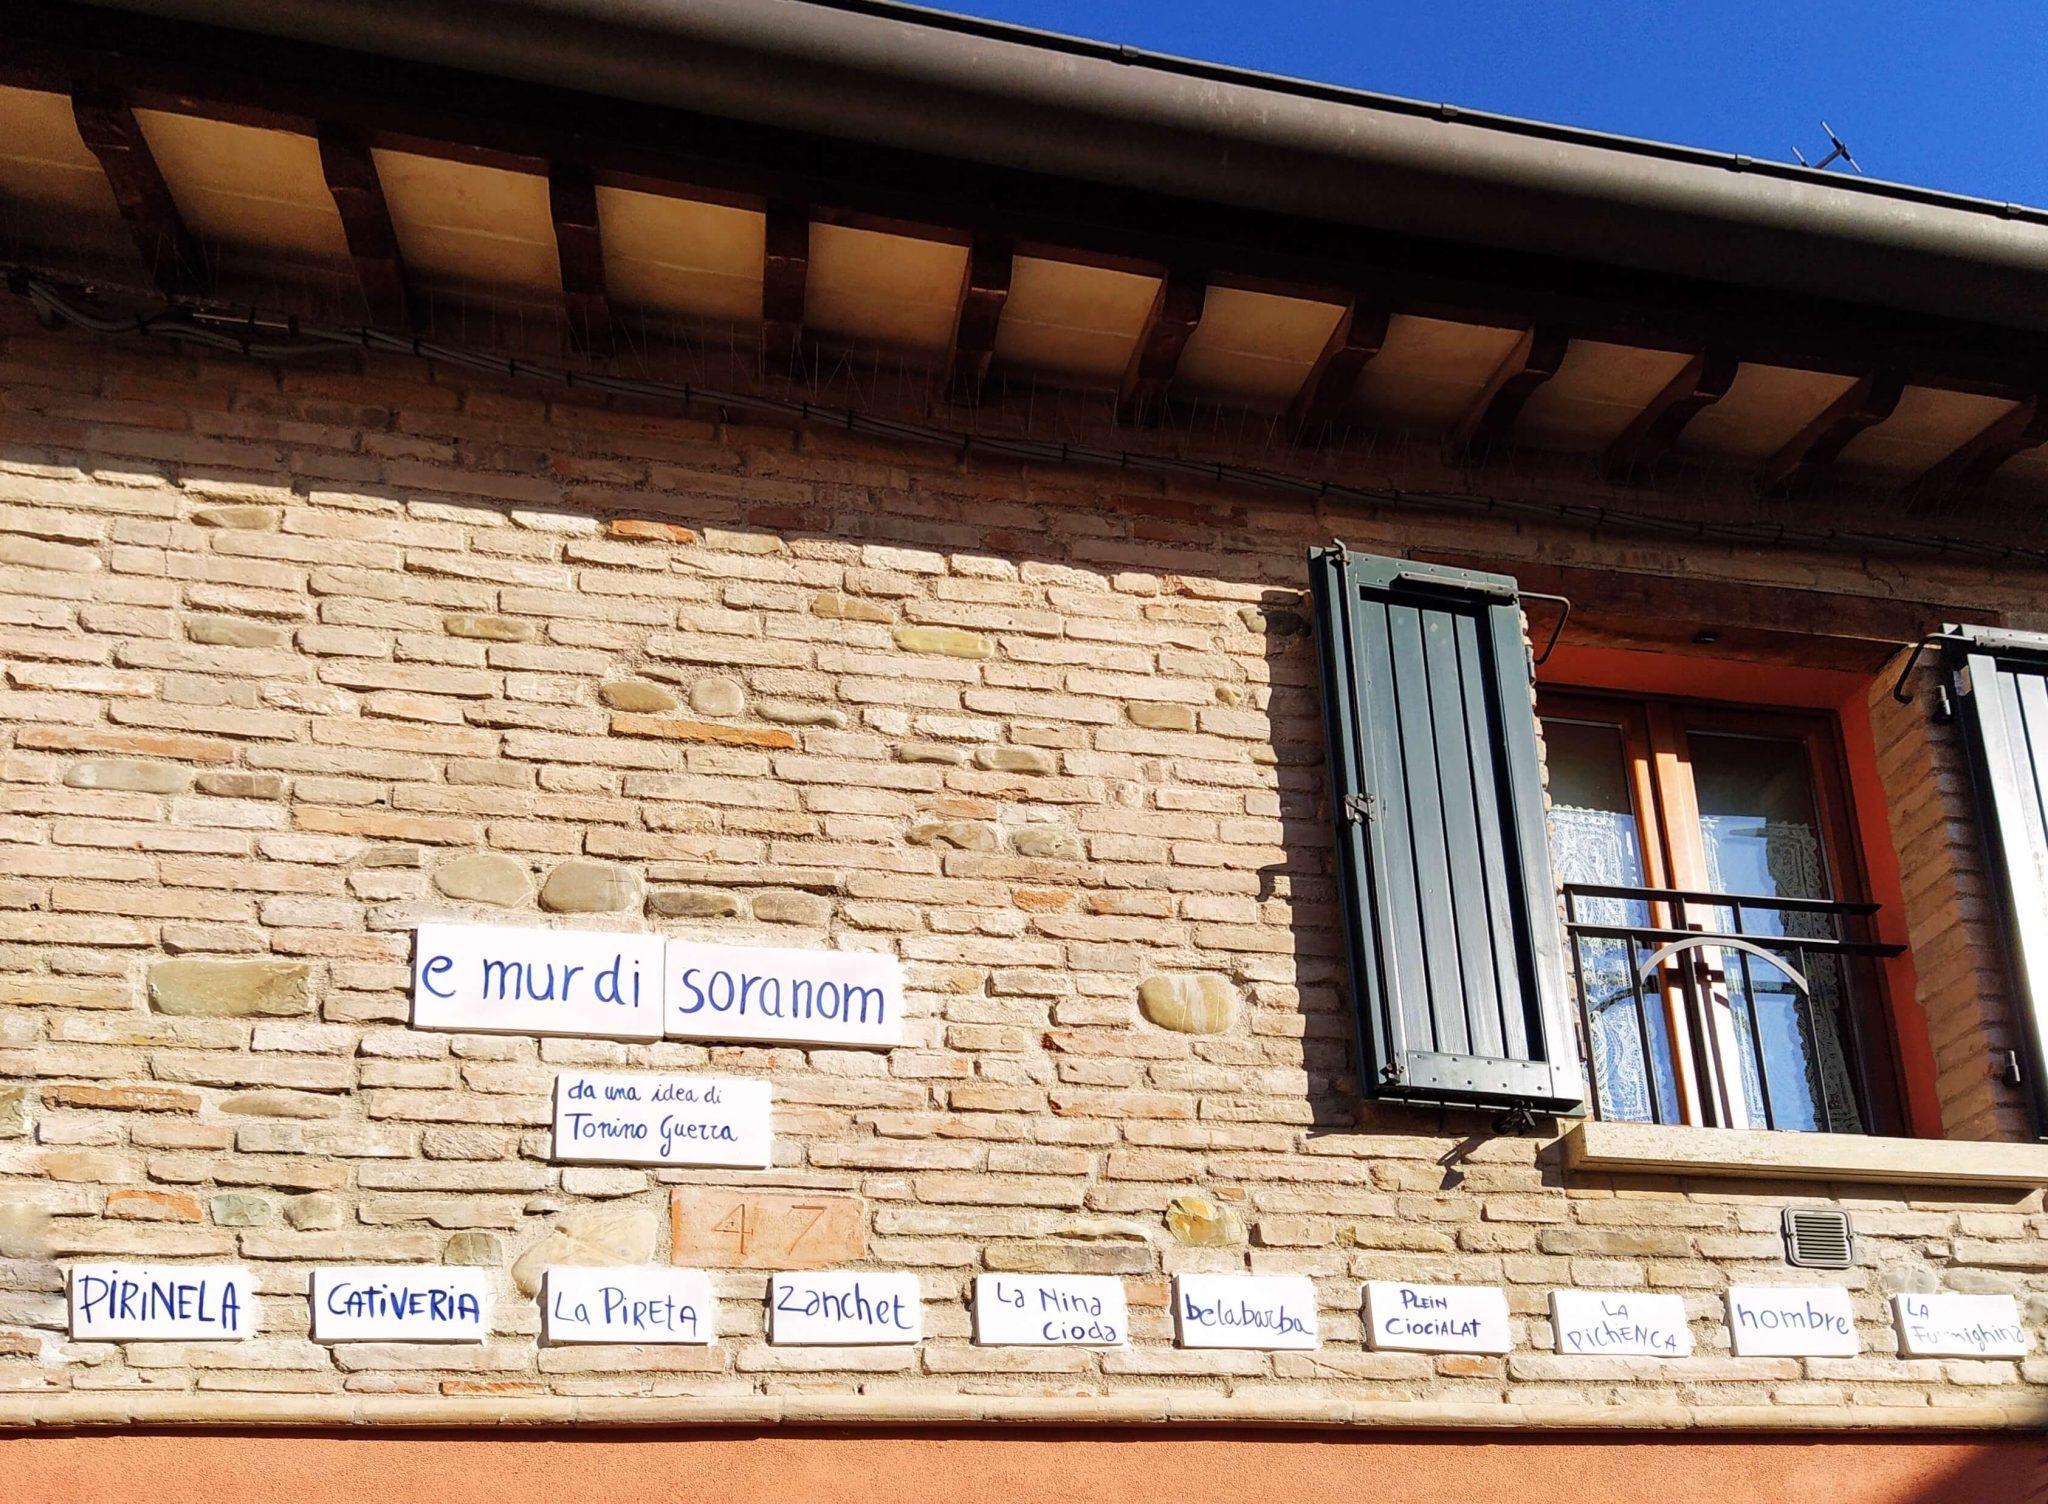 Mattonelle in ceramica con i soprannomi delle persone di Borgo San Giuliano nell'opera di Tonino Guerra